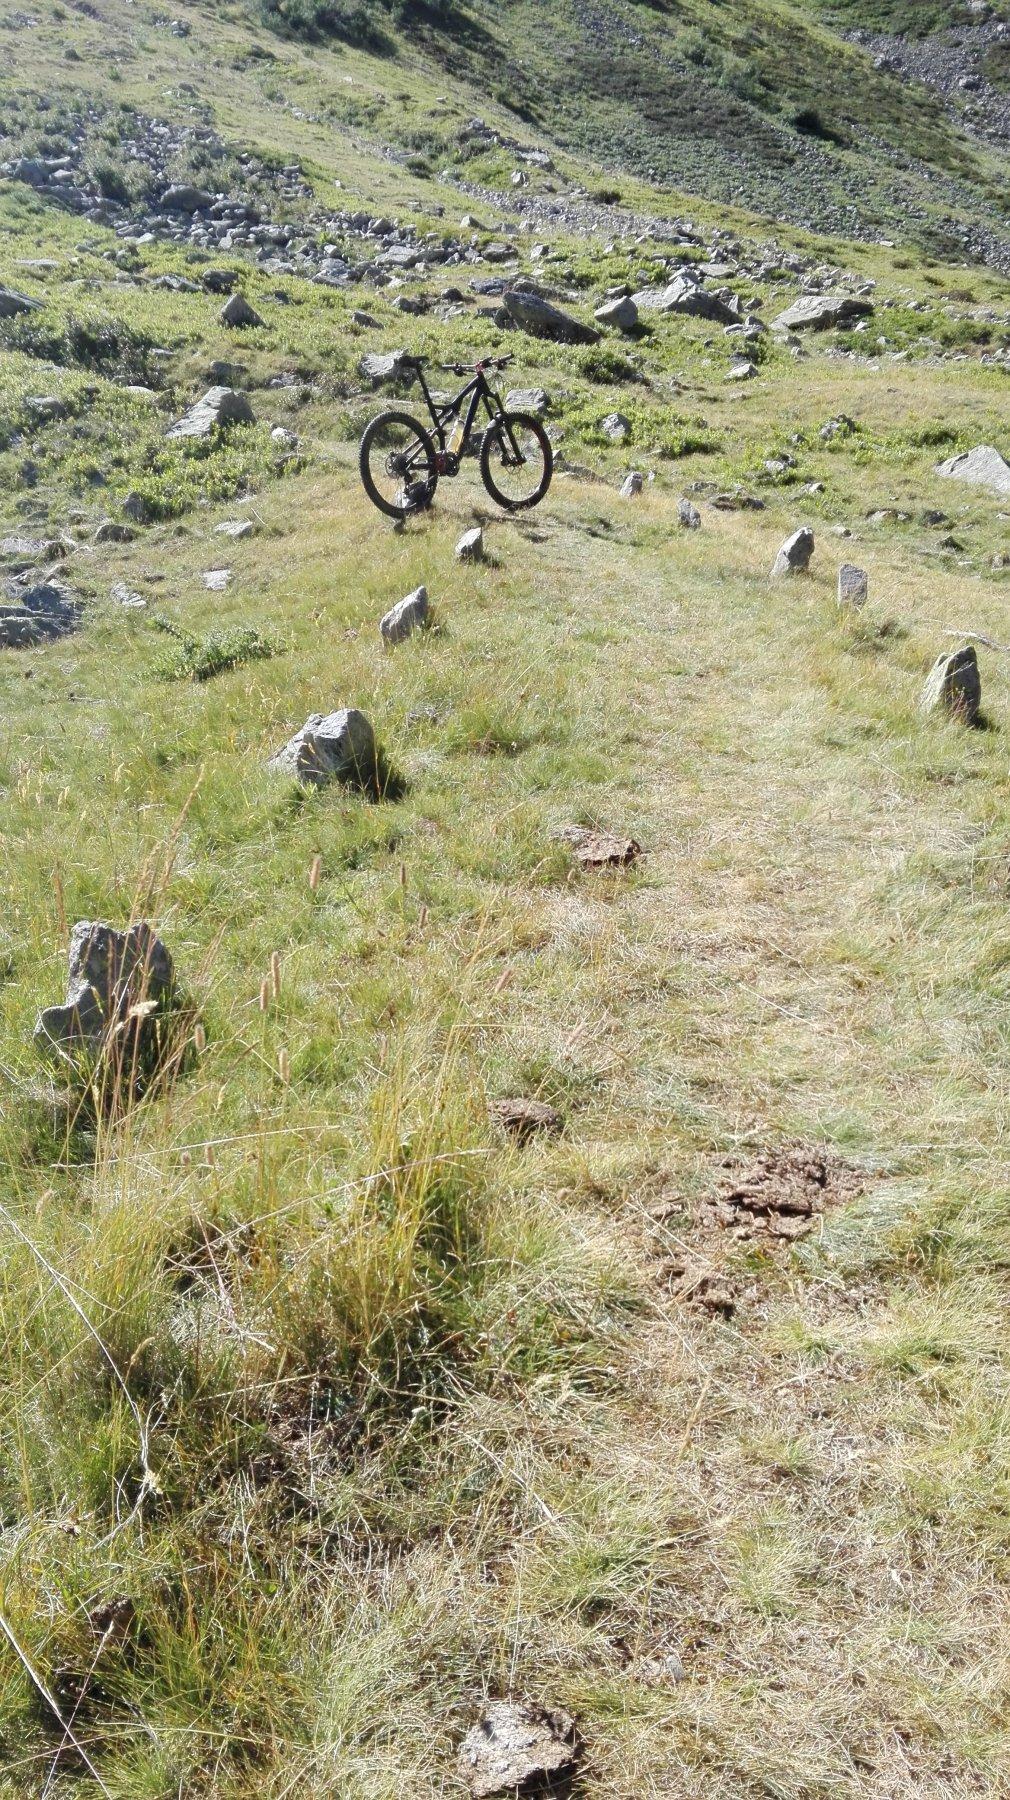 i ciciu che costeggiano il sentiero... molto utili!